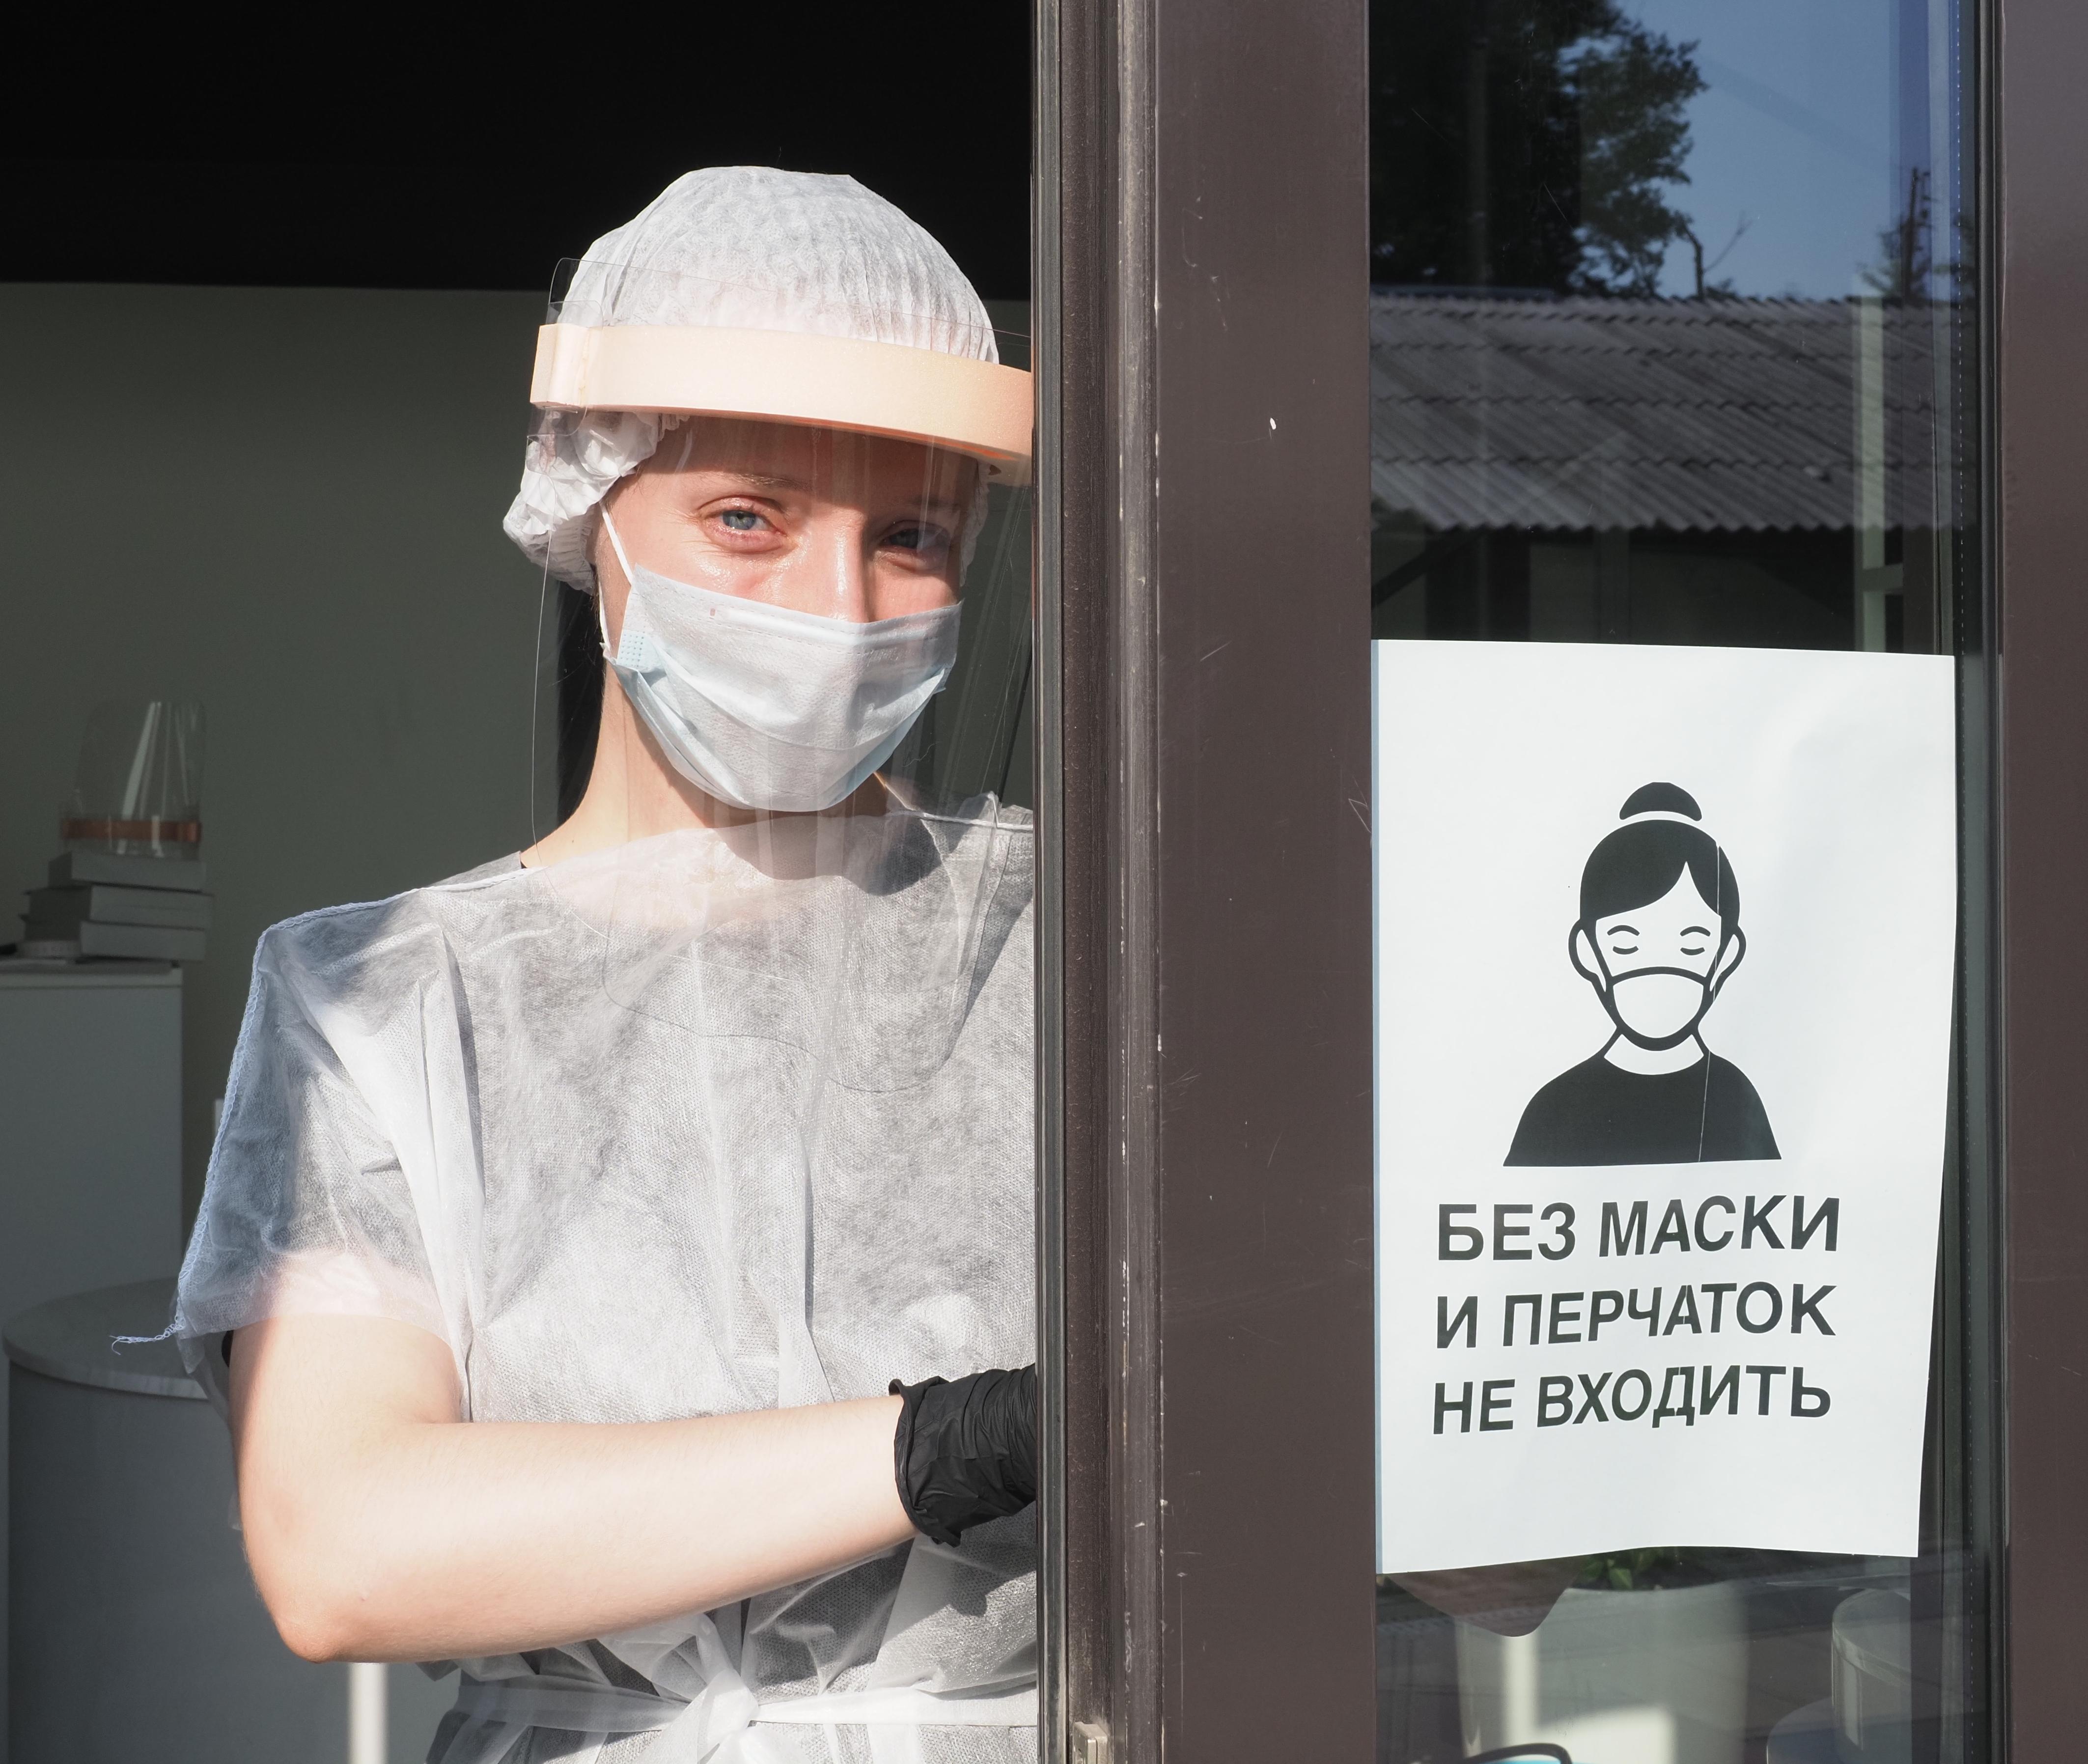 Bolshevik Loft-Event Hall в Москве могут закрыть за нарушение антиковидных мер. Фото: Антон Гердо, «Вечерняя Москва»